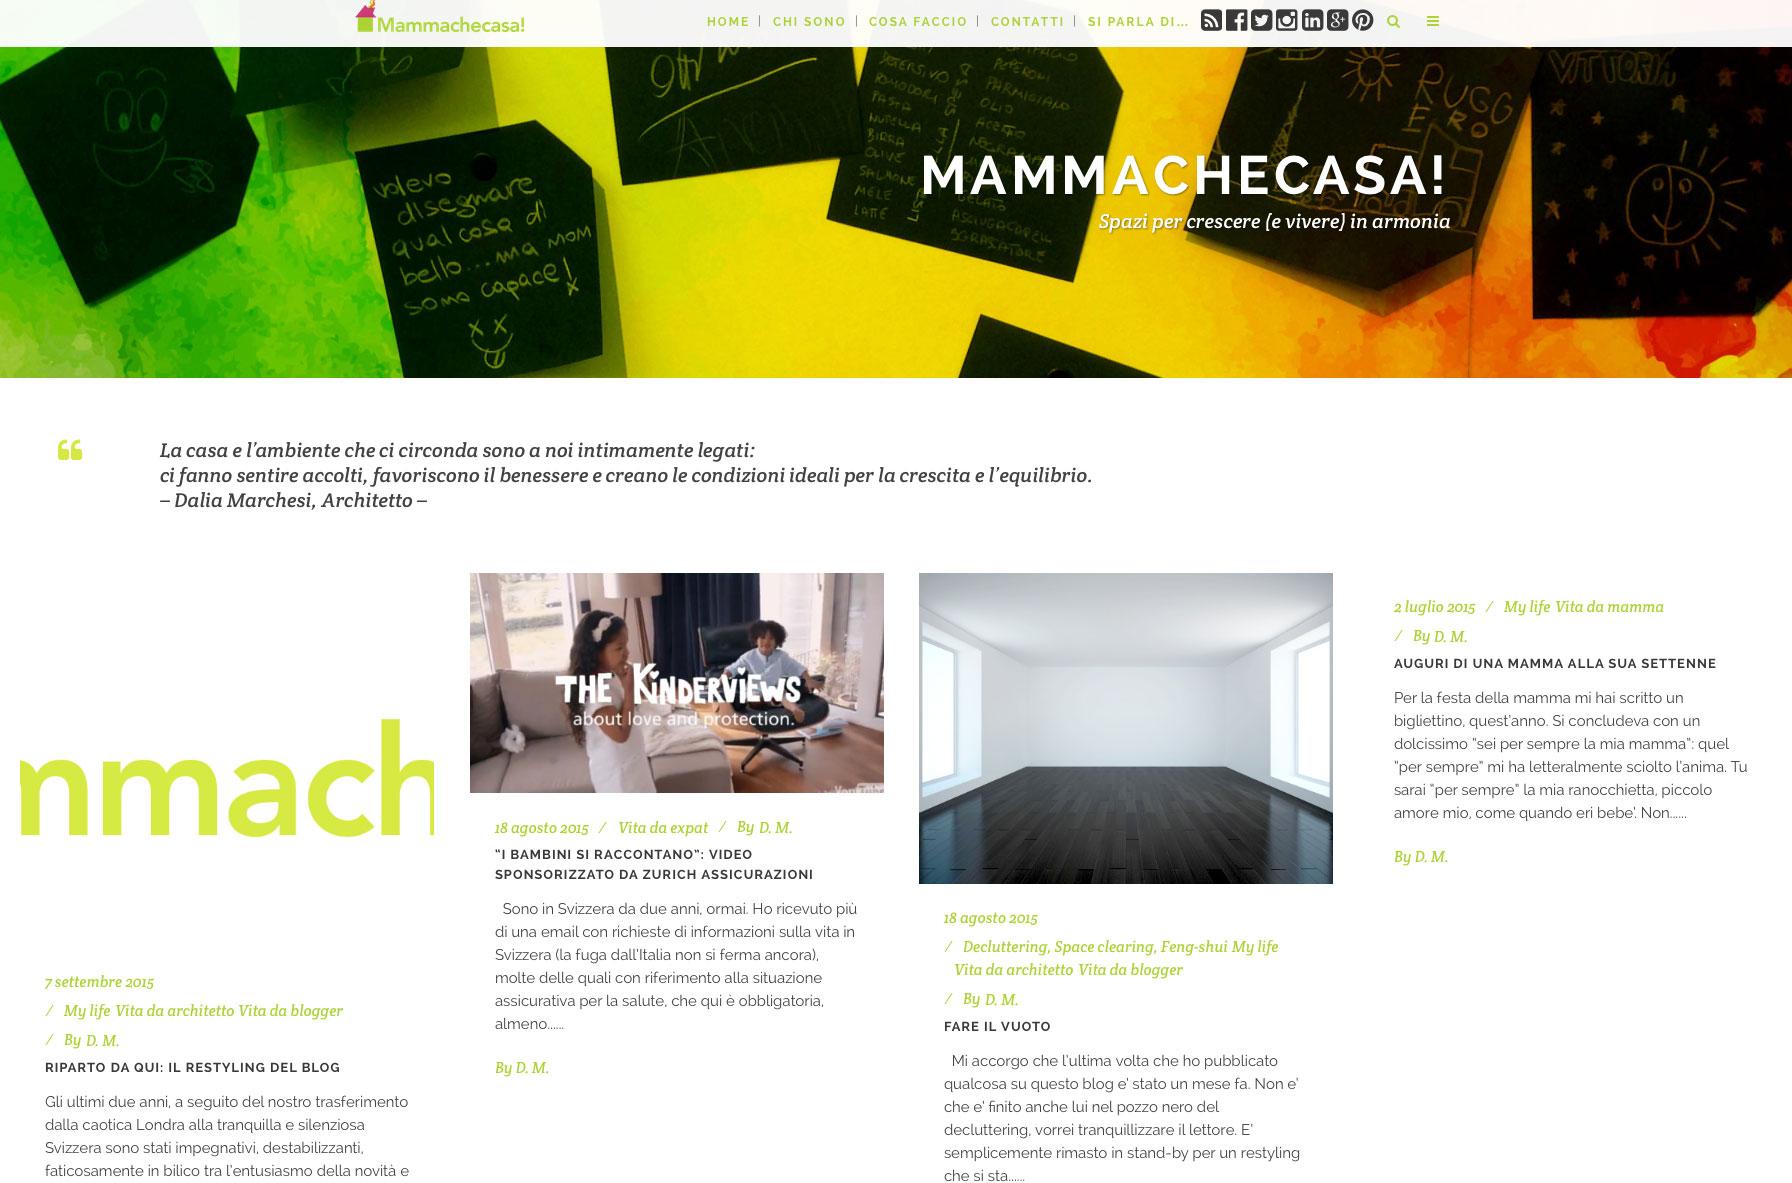 mammachecasa online ovvero ingegneri e architetti